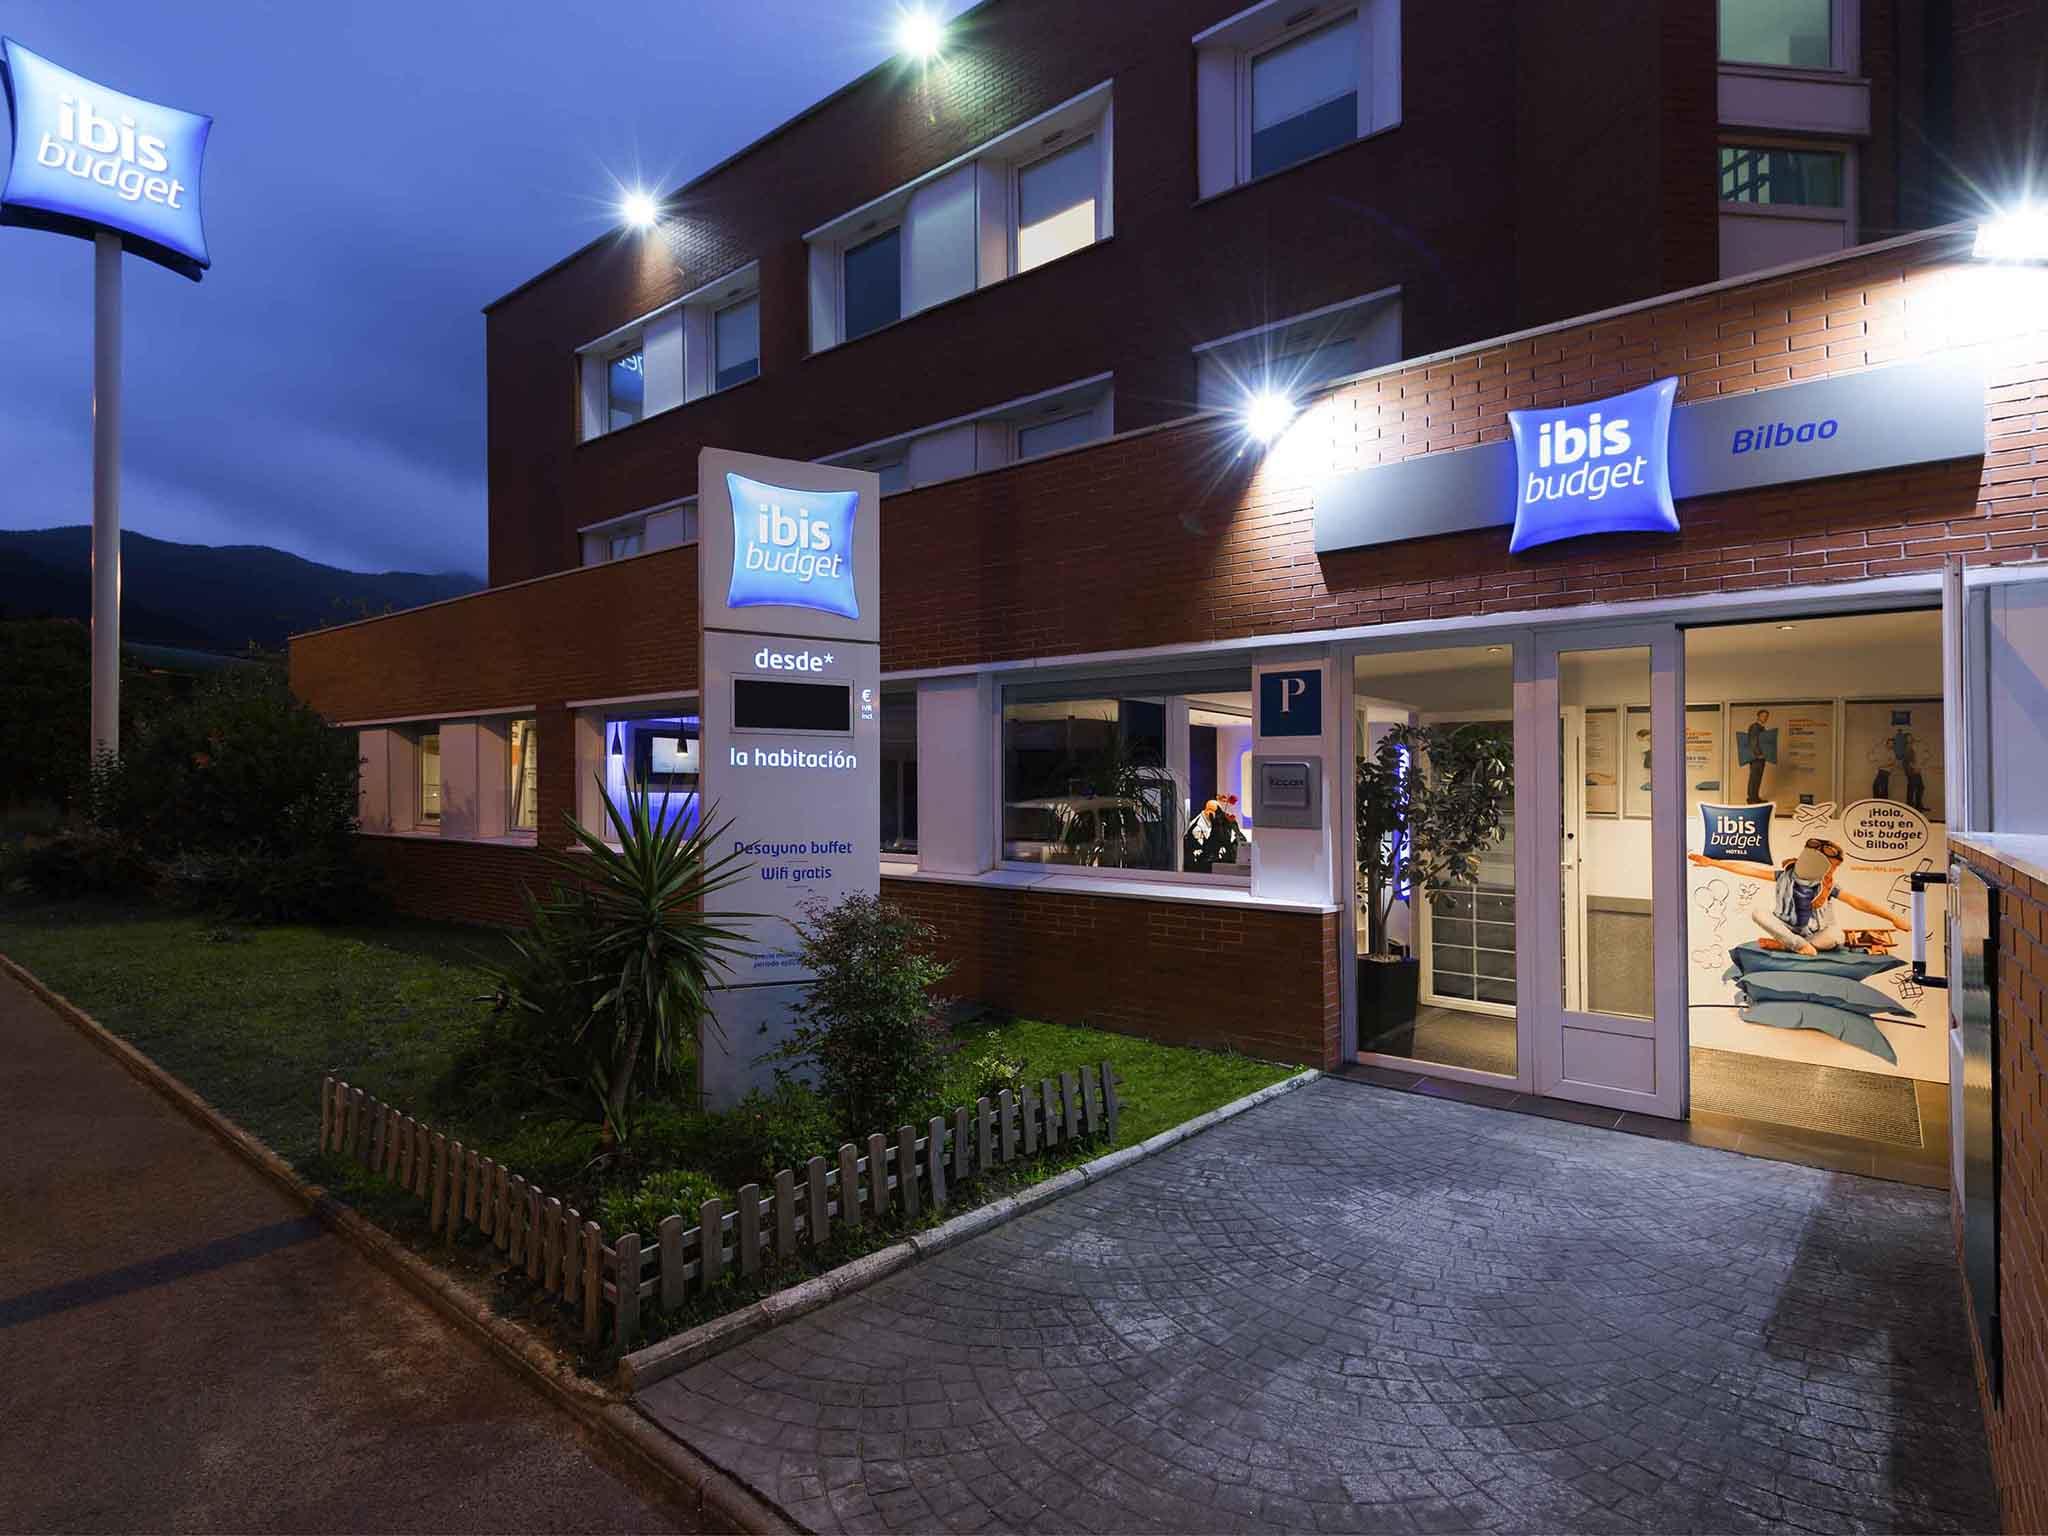 Aparthotel en bilbao free picture los dragos del sur for Appart hotel ibis